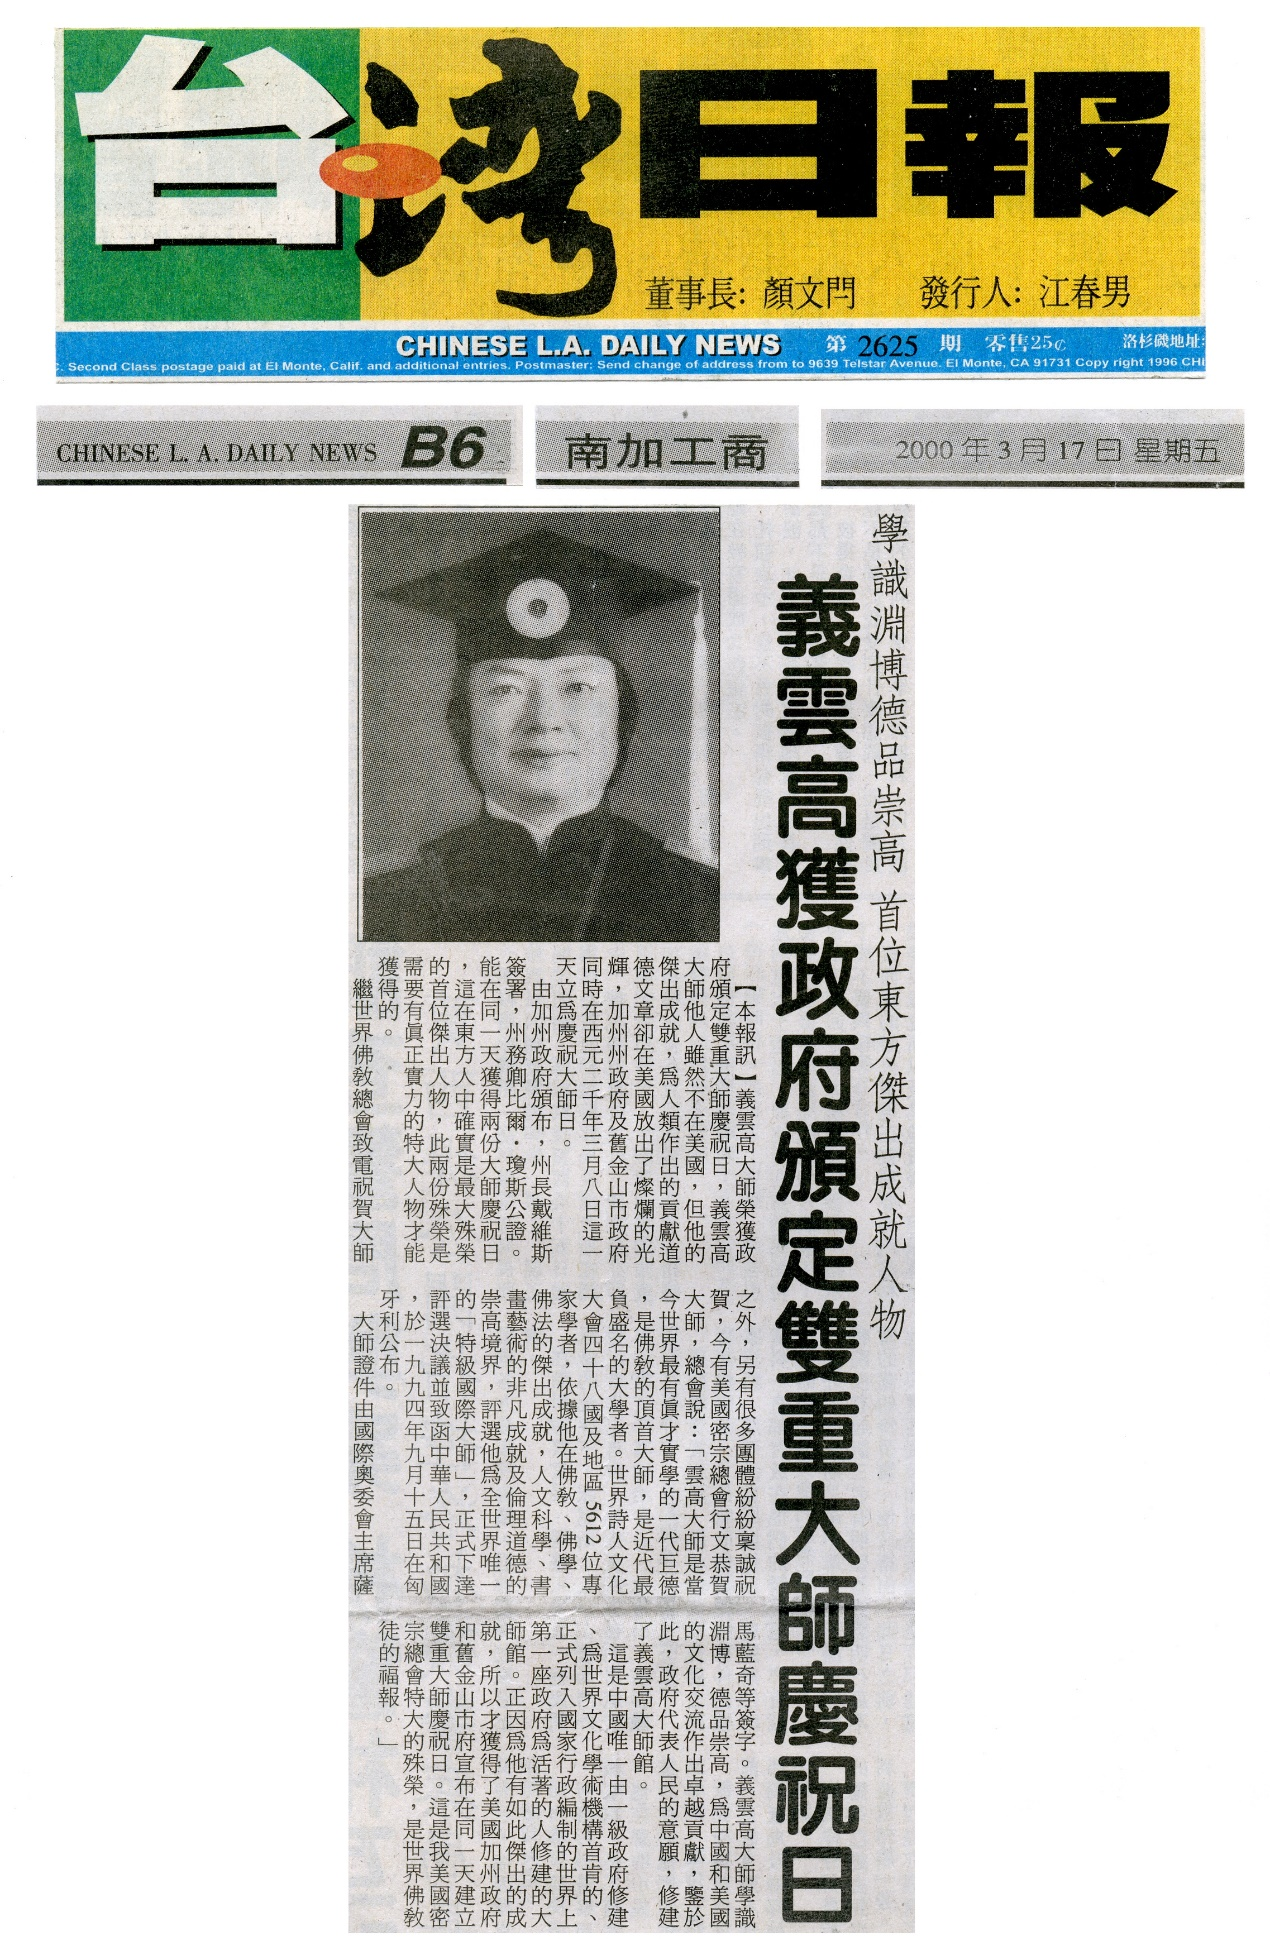 义云高获政府颁定双重大师庆祝日  首位东方杰出成就人物 第3张